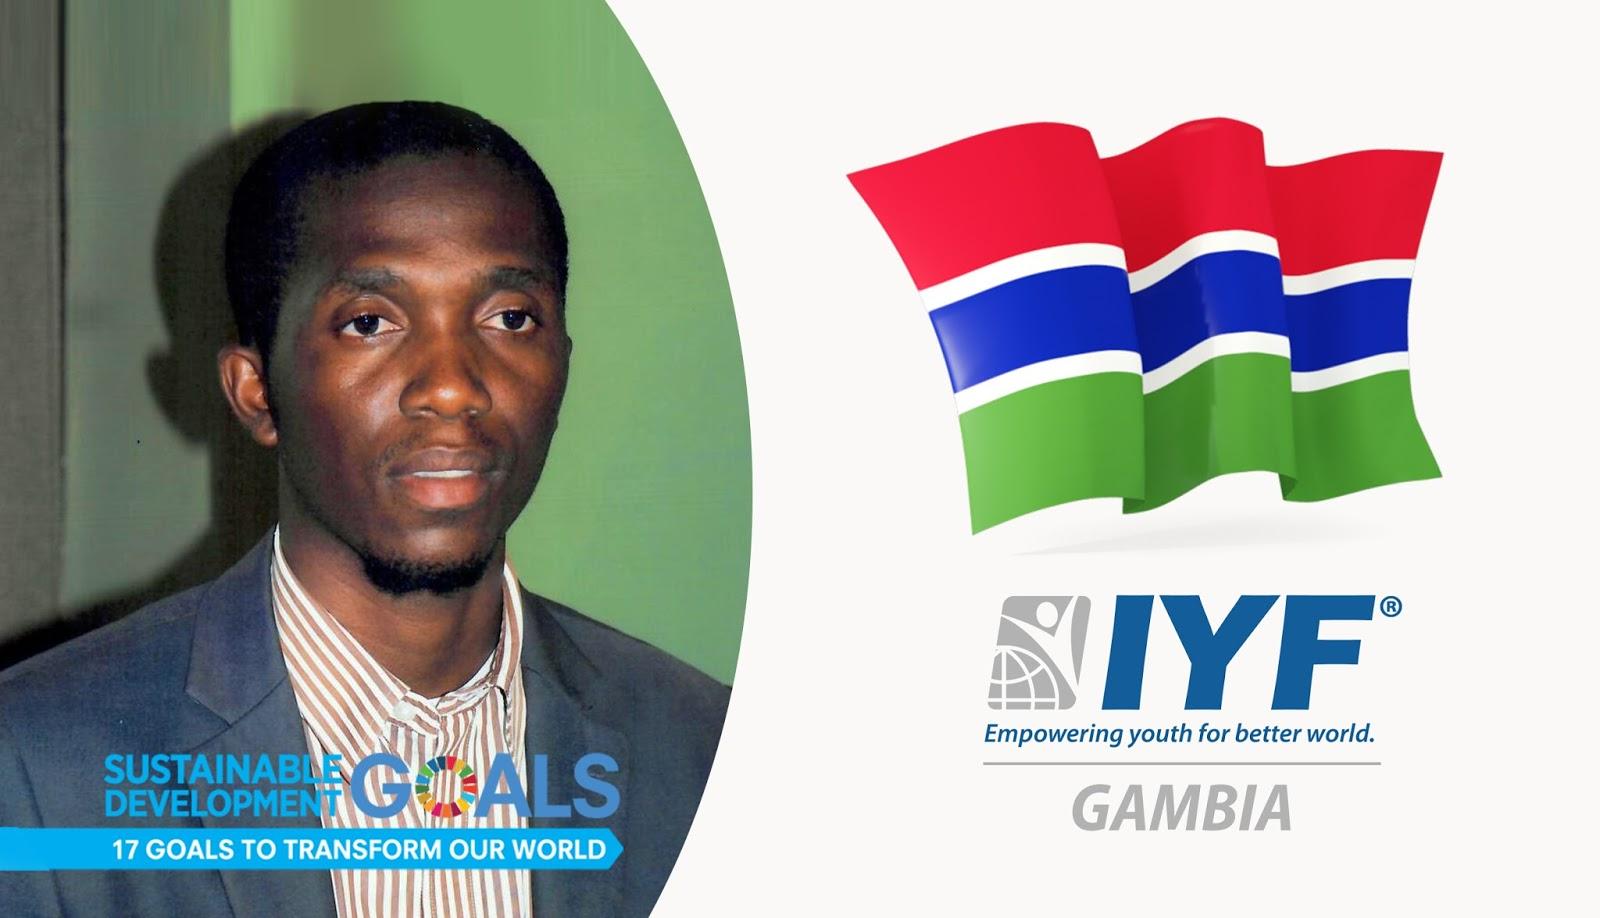 Albert Bongay, IYF Representative in Gambia